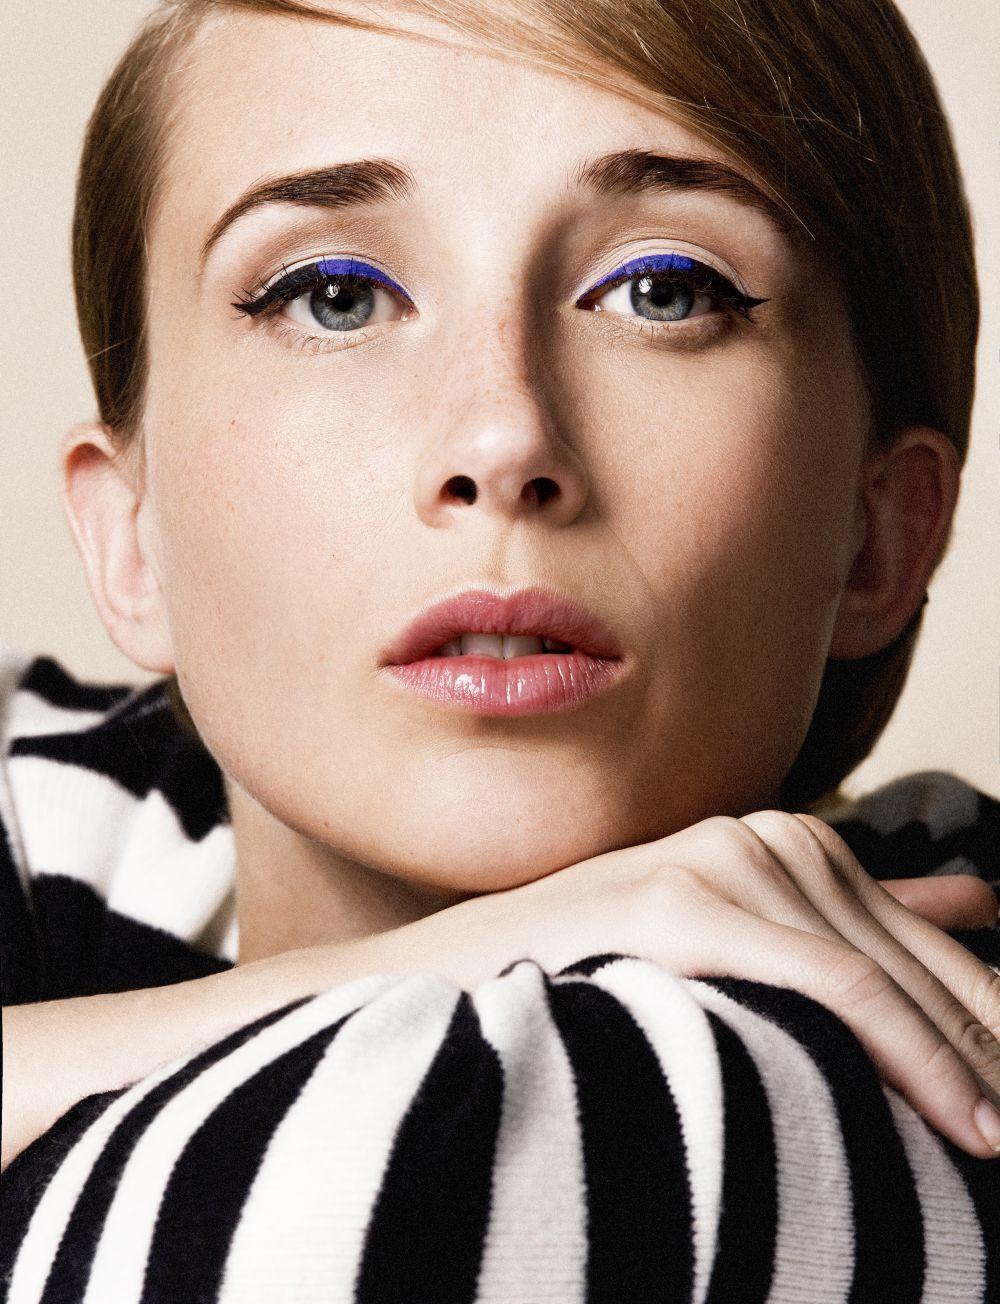 Ingrid Garcia Jonsson con doble eyeliner azul y negro en el párpado superior con máscara de pestañas.